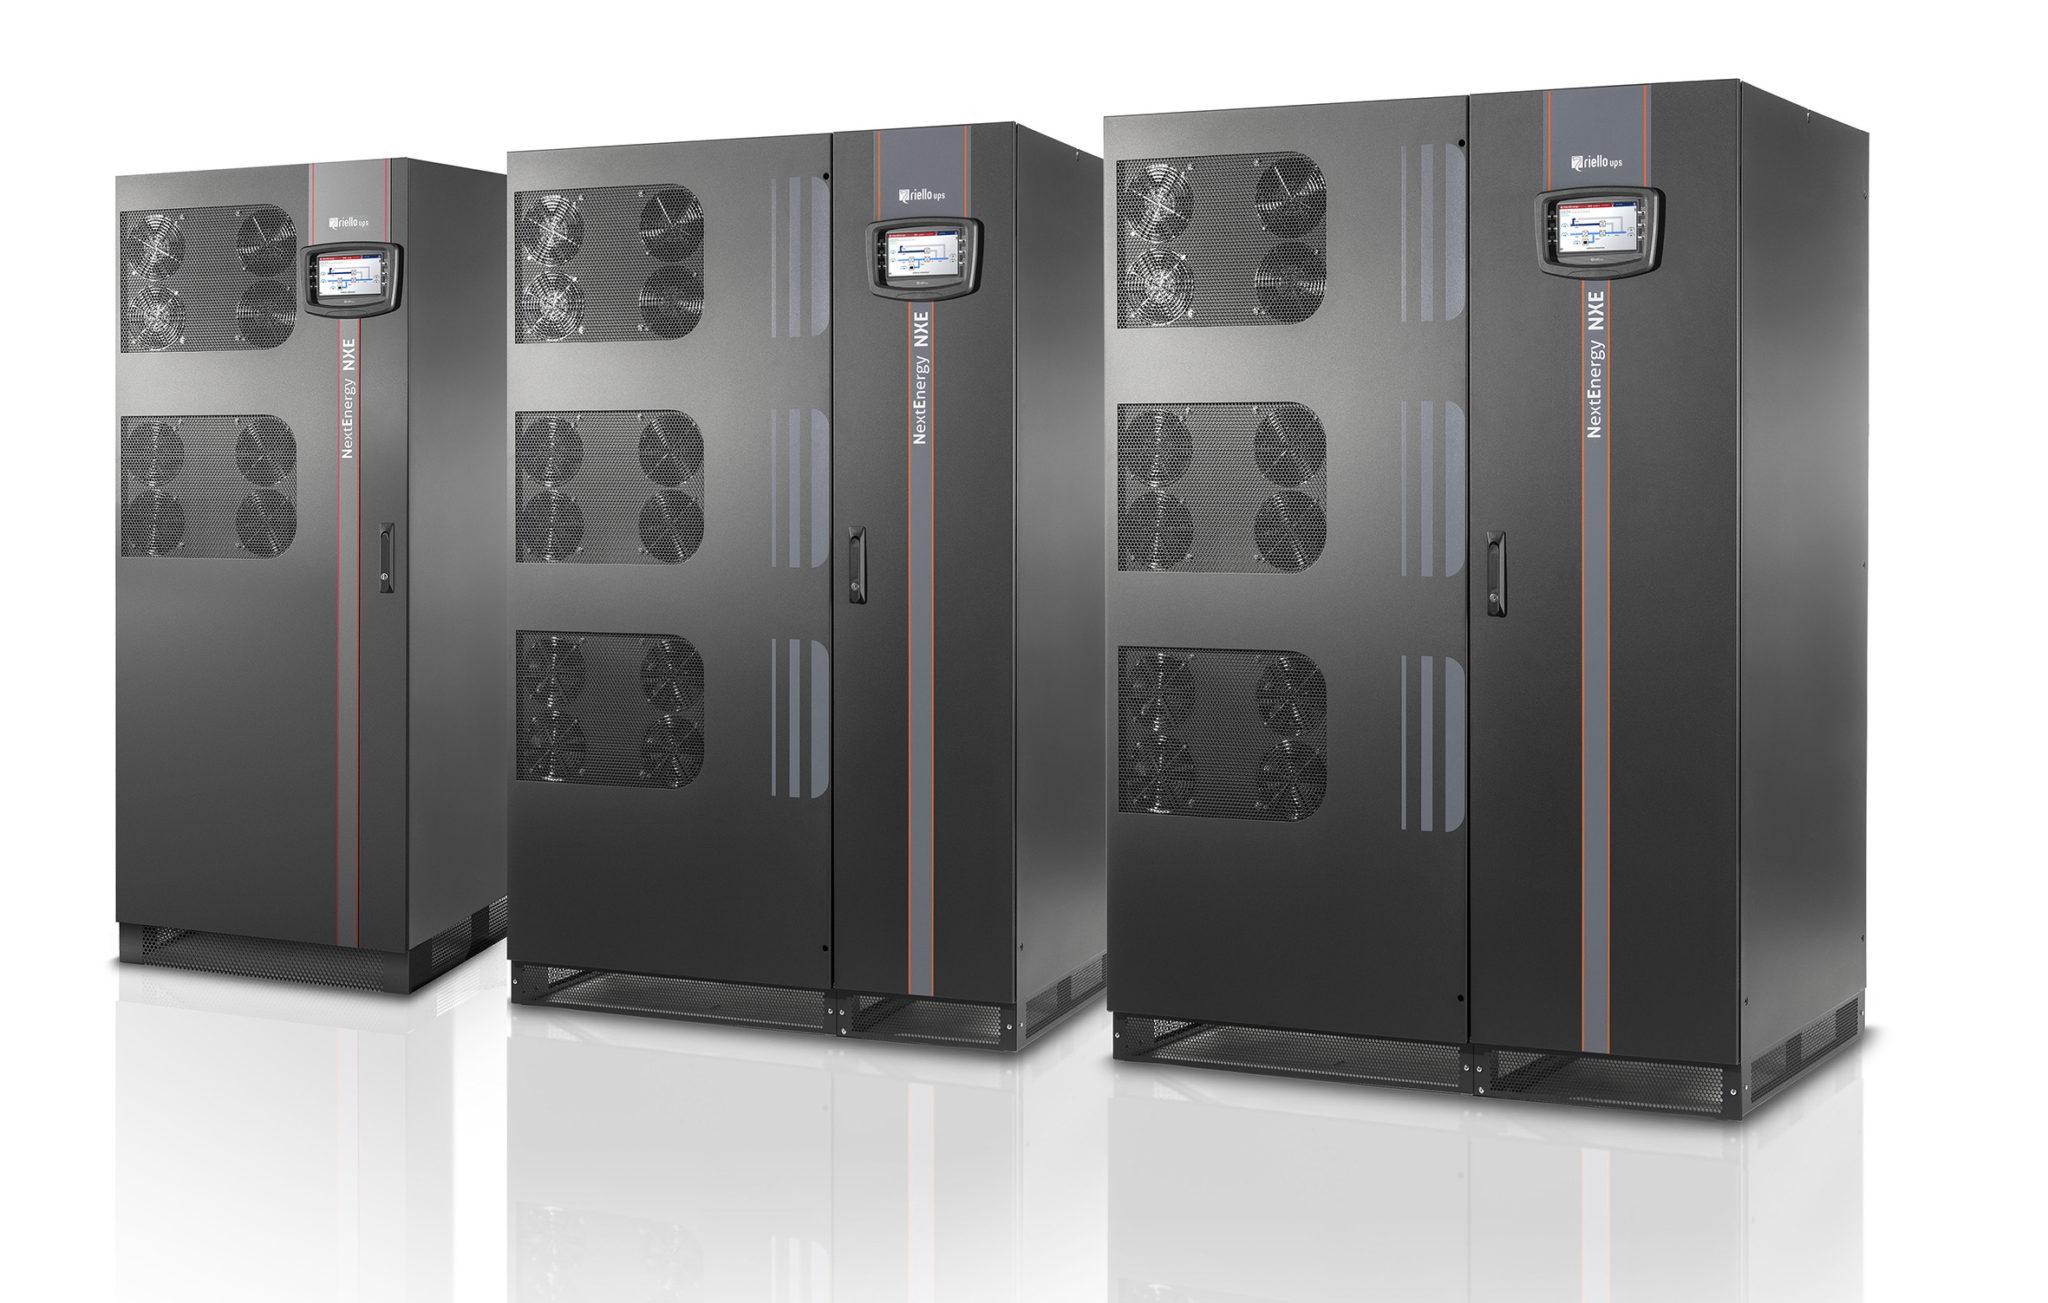 Riello UPS annuncia due nuovi modelli della gamma NextEnergy